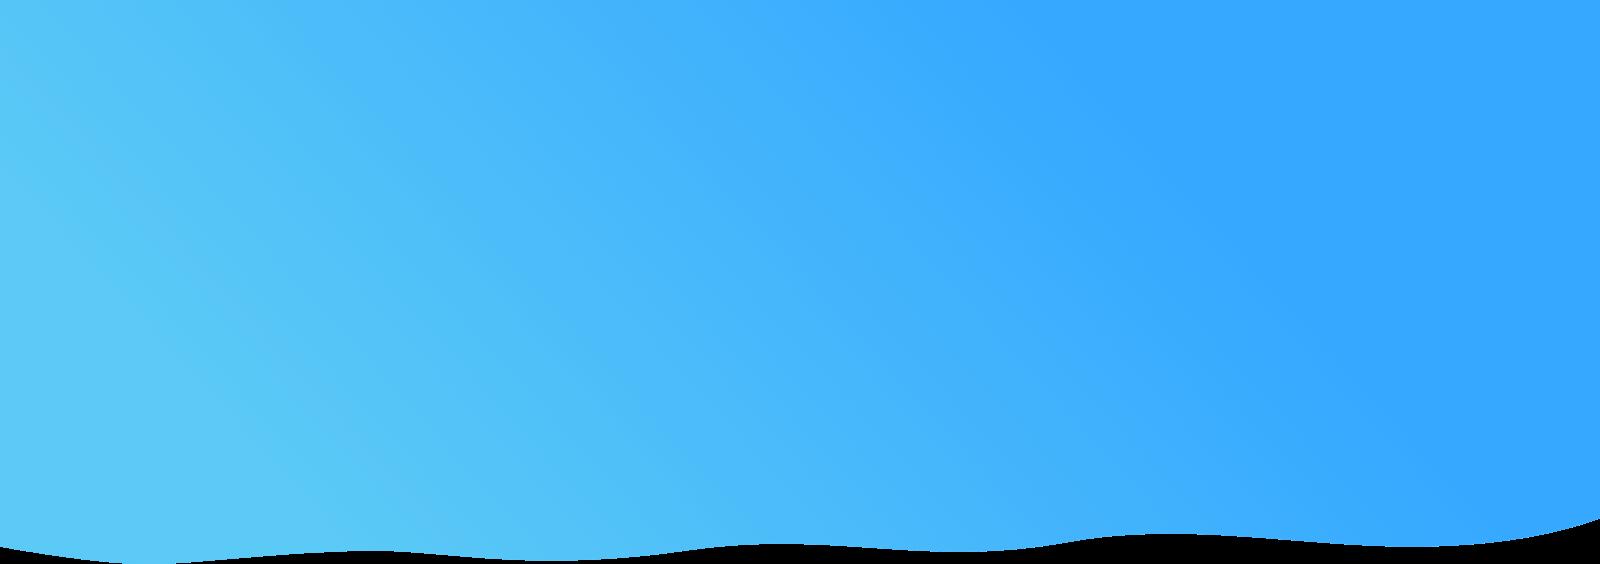 Curve-bg